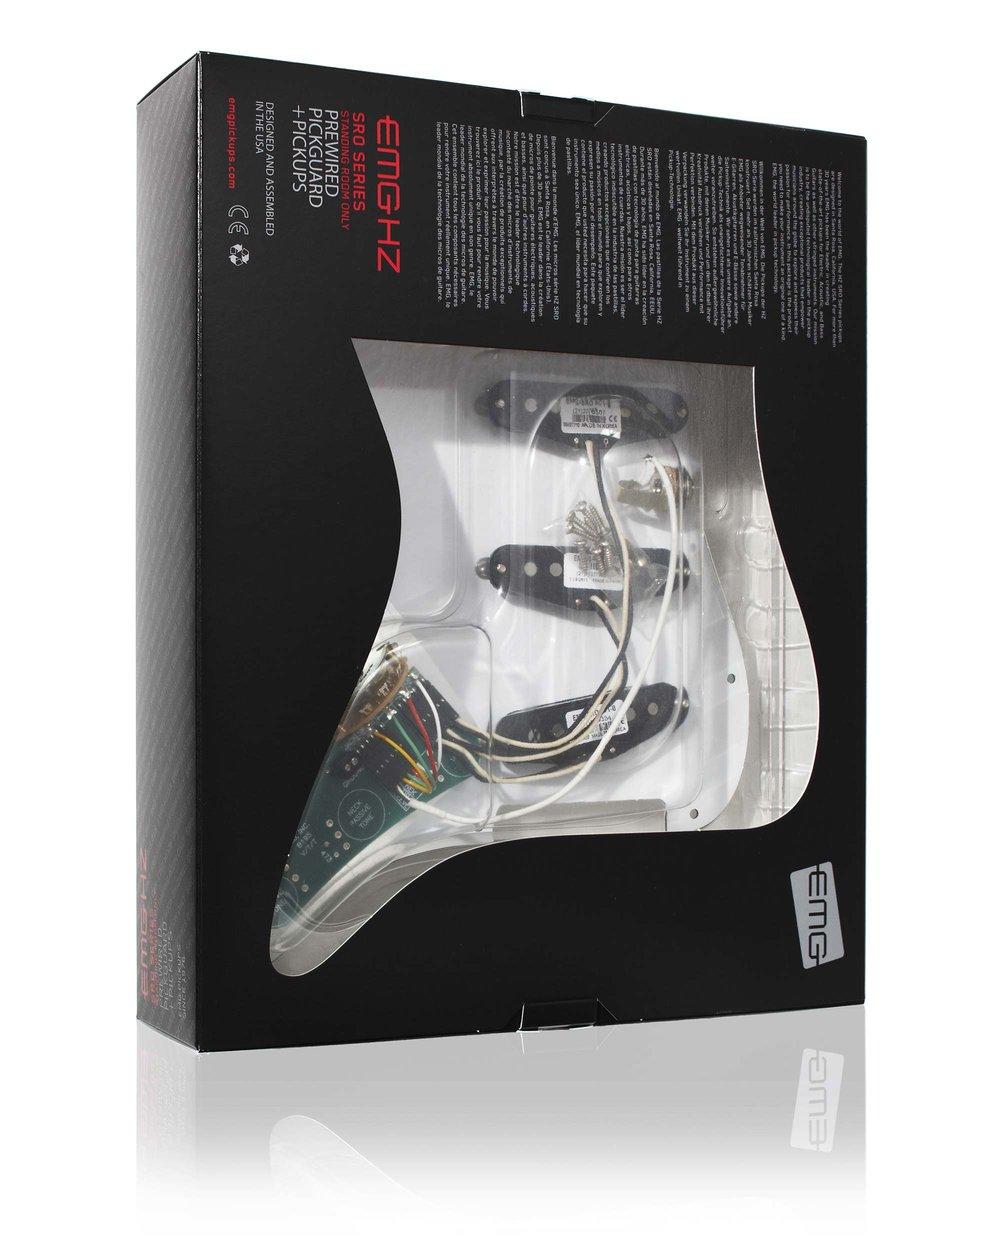 EMG-Packaging-SRO-Series-Back.jpg